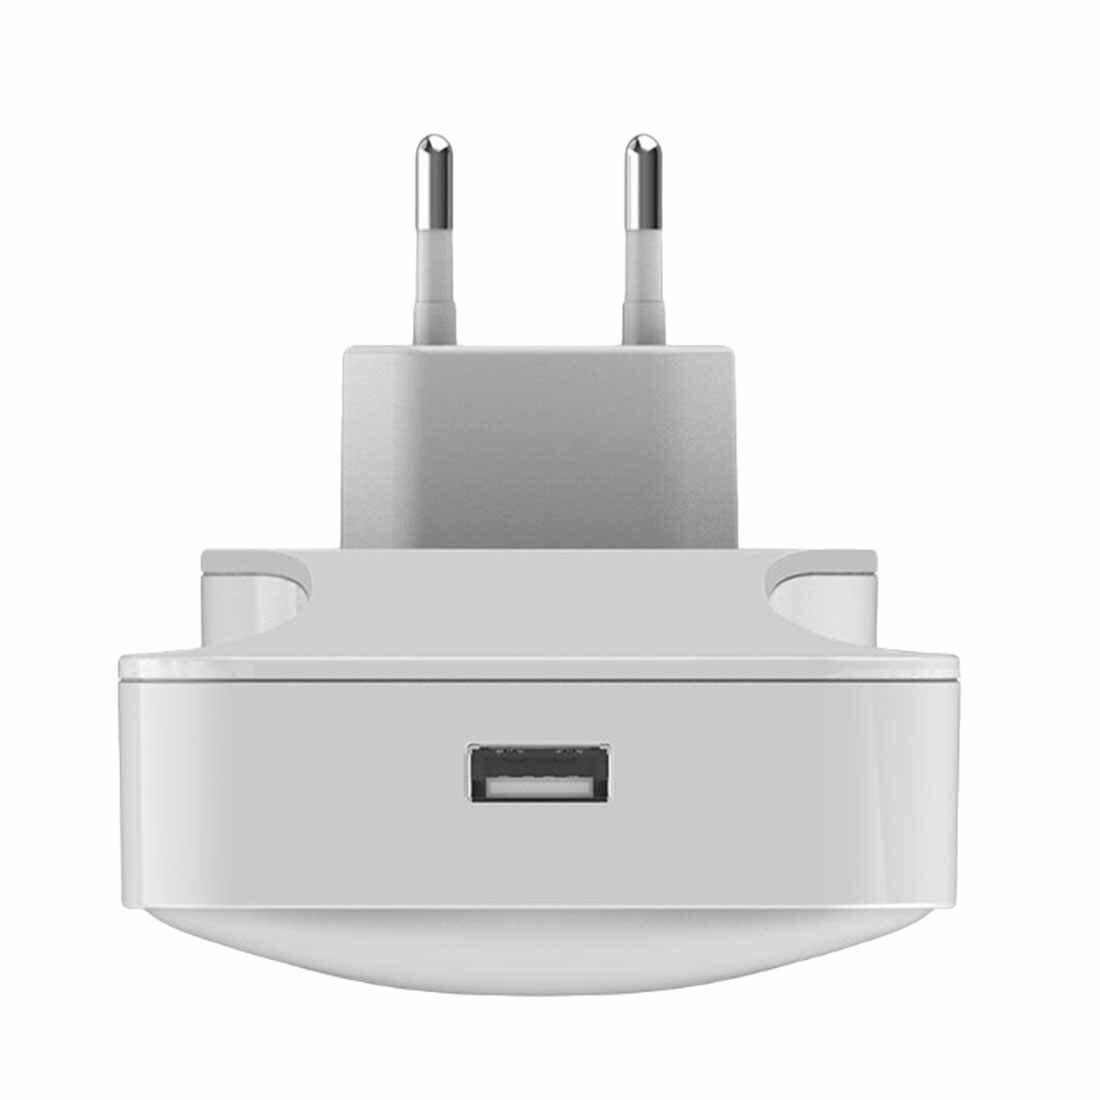 Вилка со светодиодами в ночном освещении датчик движения лампа USB AC Выход Многофункциональный датчик гнездо ночник